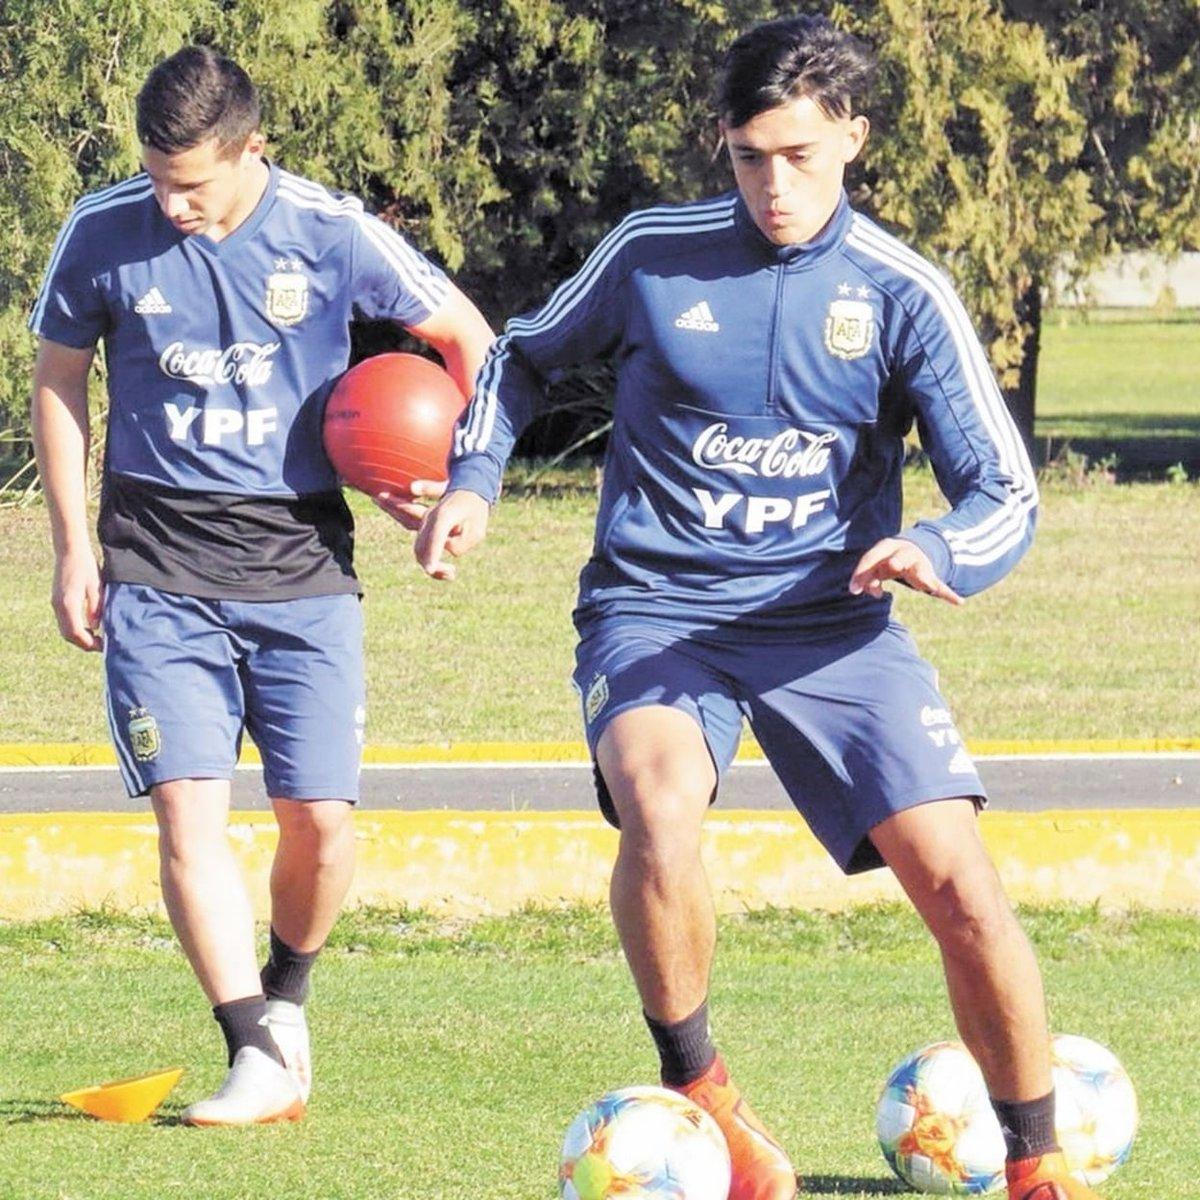 🚨Colo Colo fichó al juvenil Pablo Solari. *️⃣El delantero, que jugó Sub 20 con la Selección Argentina, llega de Talleres. *️⃣Va cedido hasta 31/01/2021 con chances de extender hasta 31/12. Hay opción de compra por el 50%. *️⃣Lo llevan como apuesta a futuro. https://t.co/xeRrKBbV6s